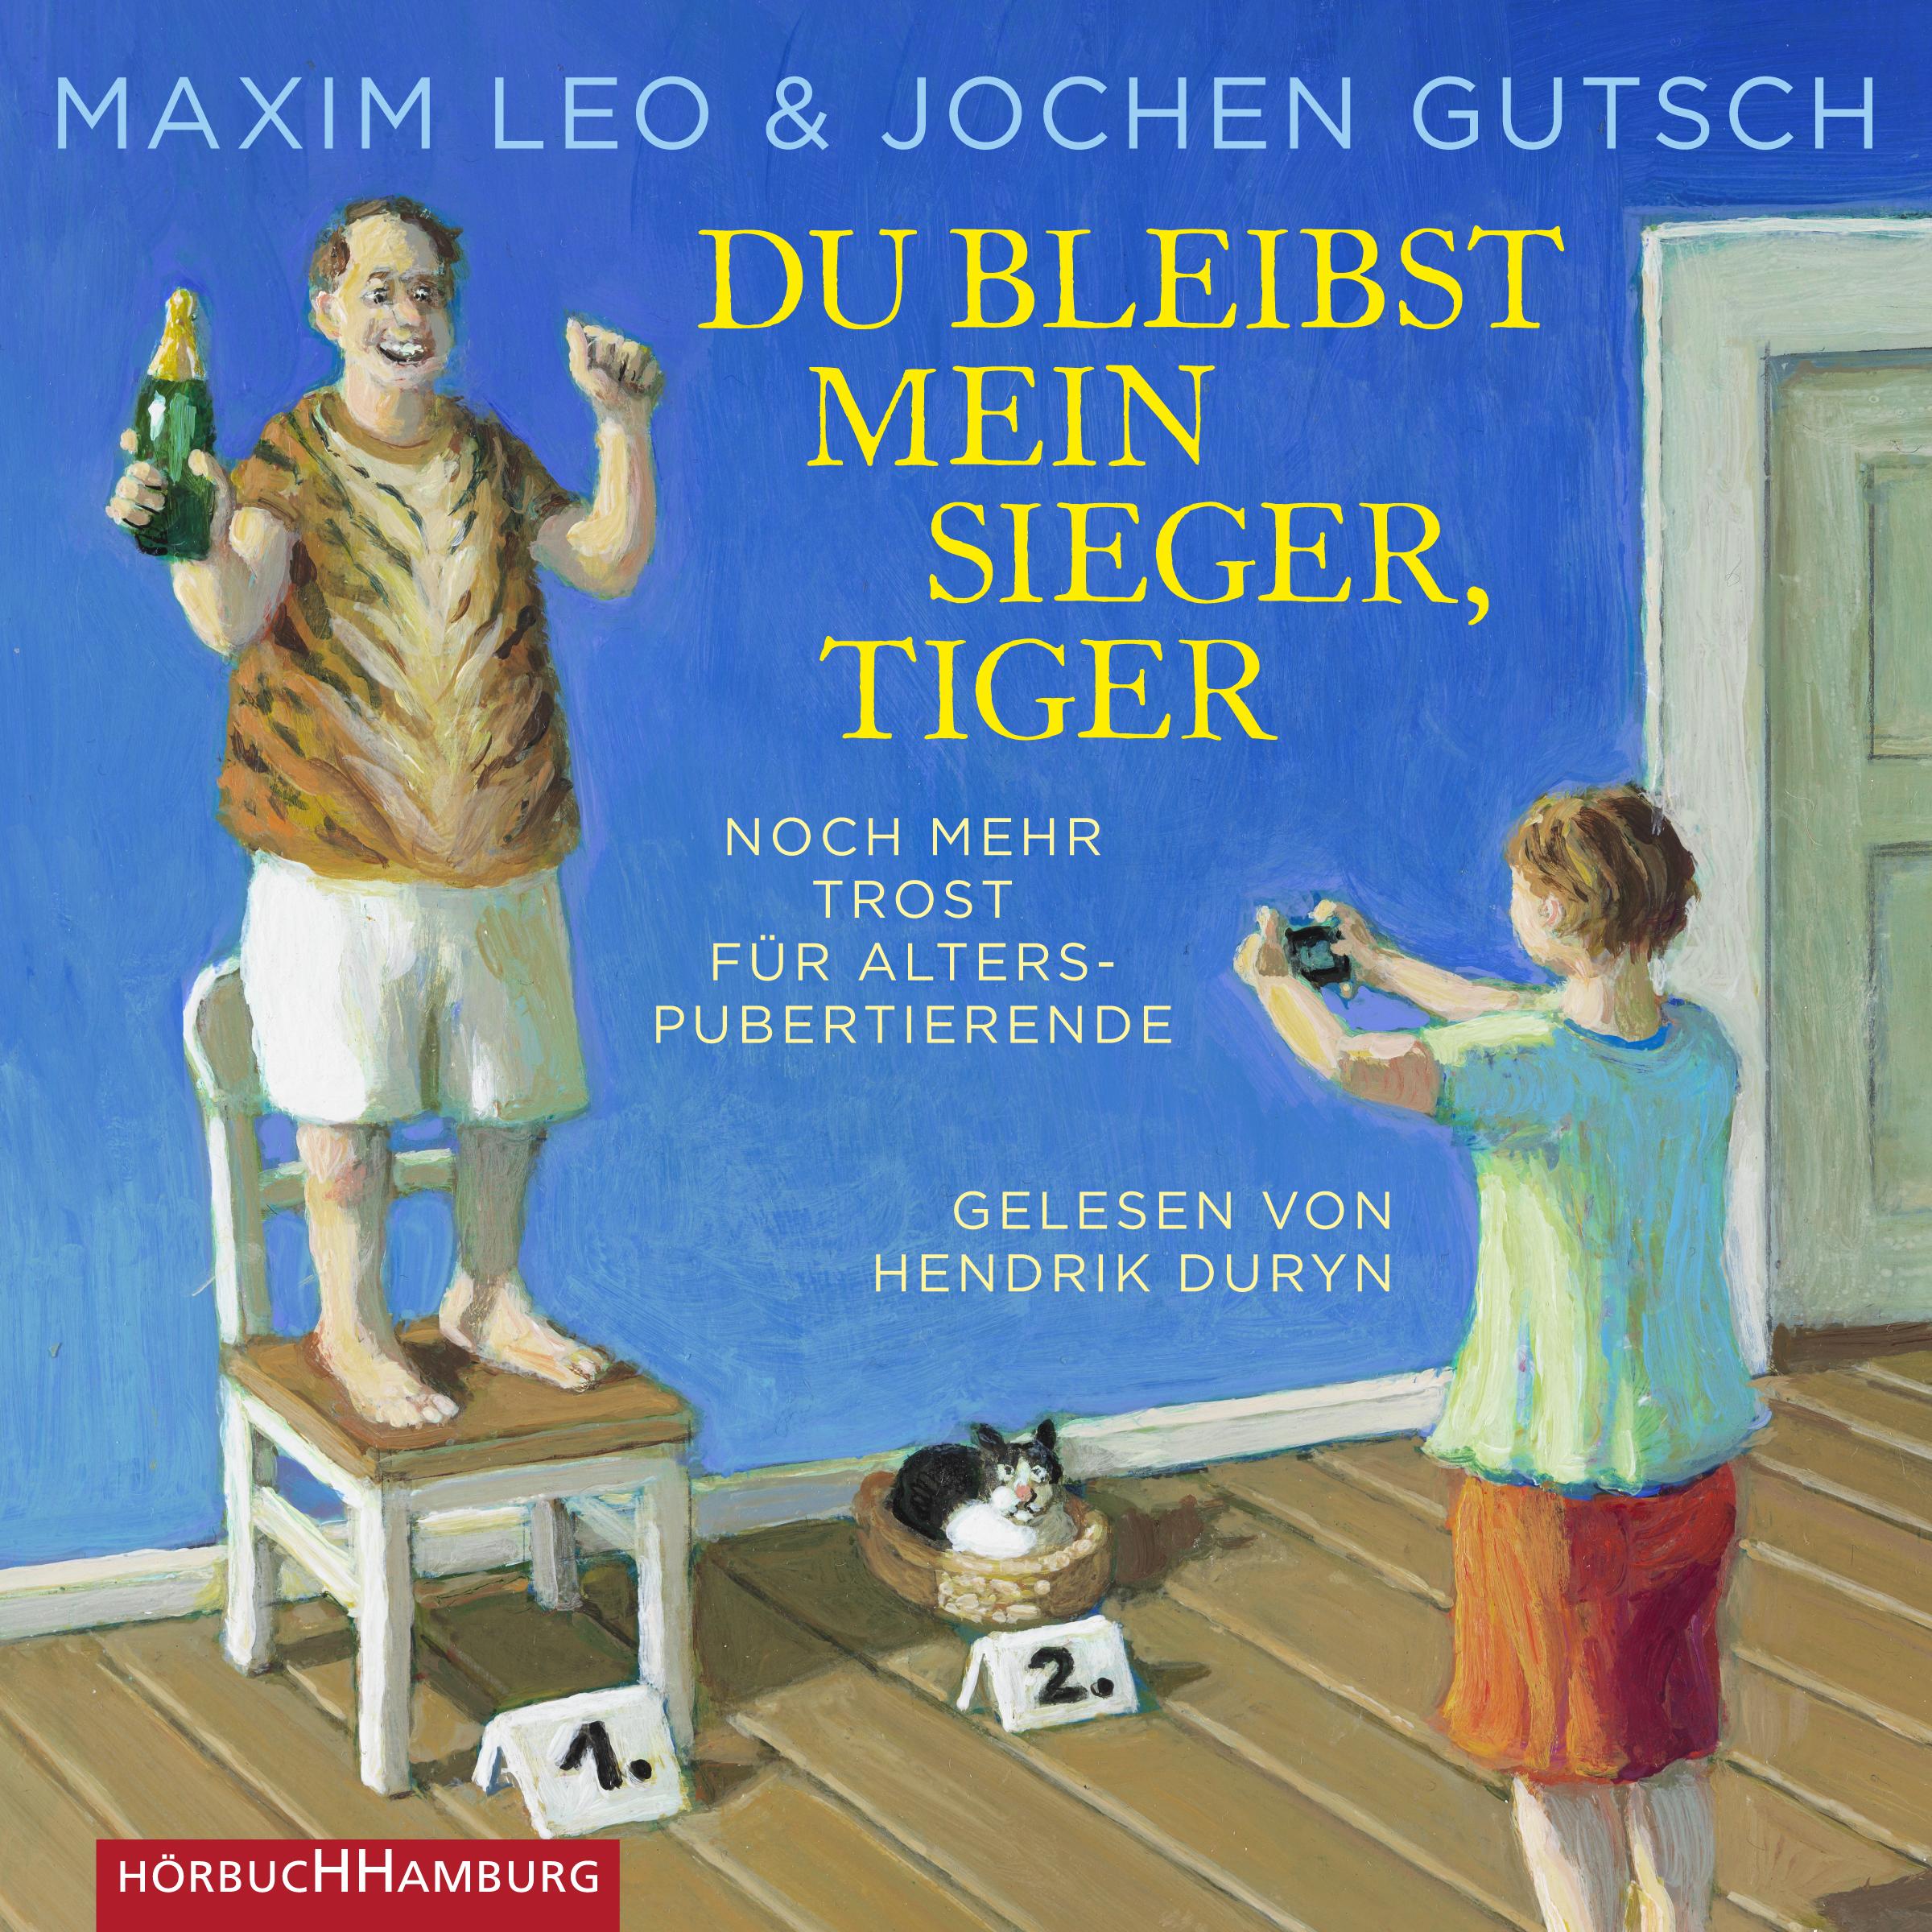 Cover für das Du bleibst mein Sieger, Tiger Hörbuch